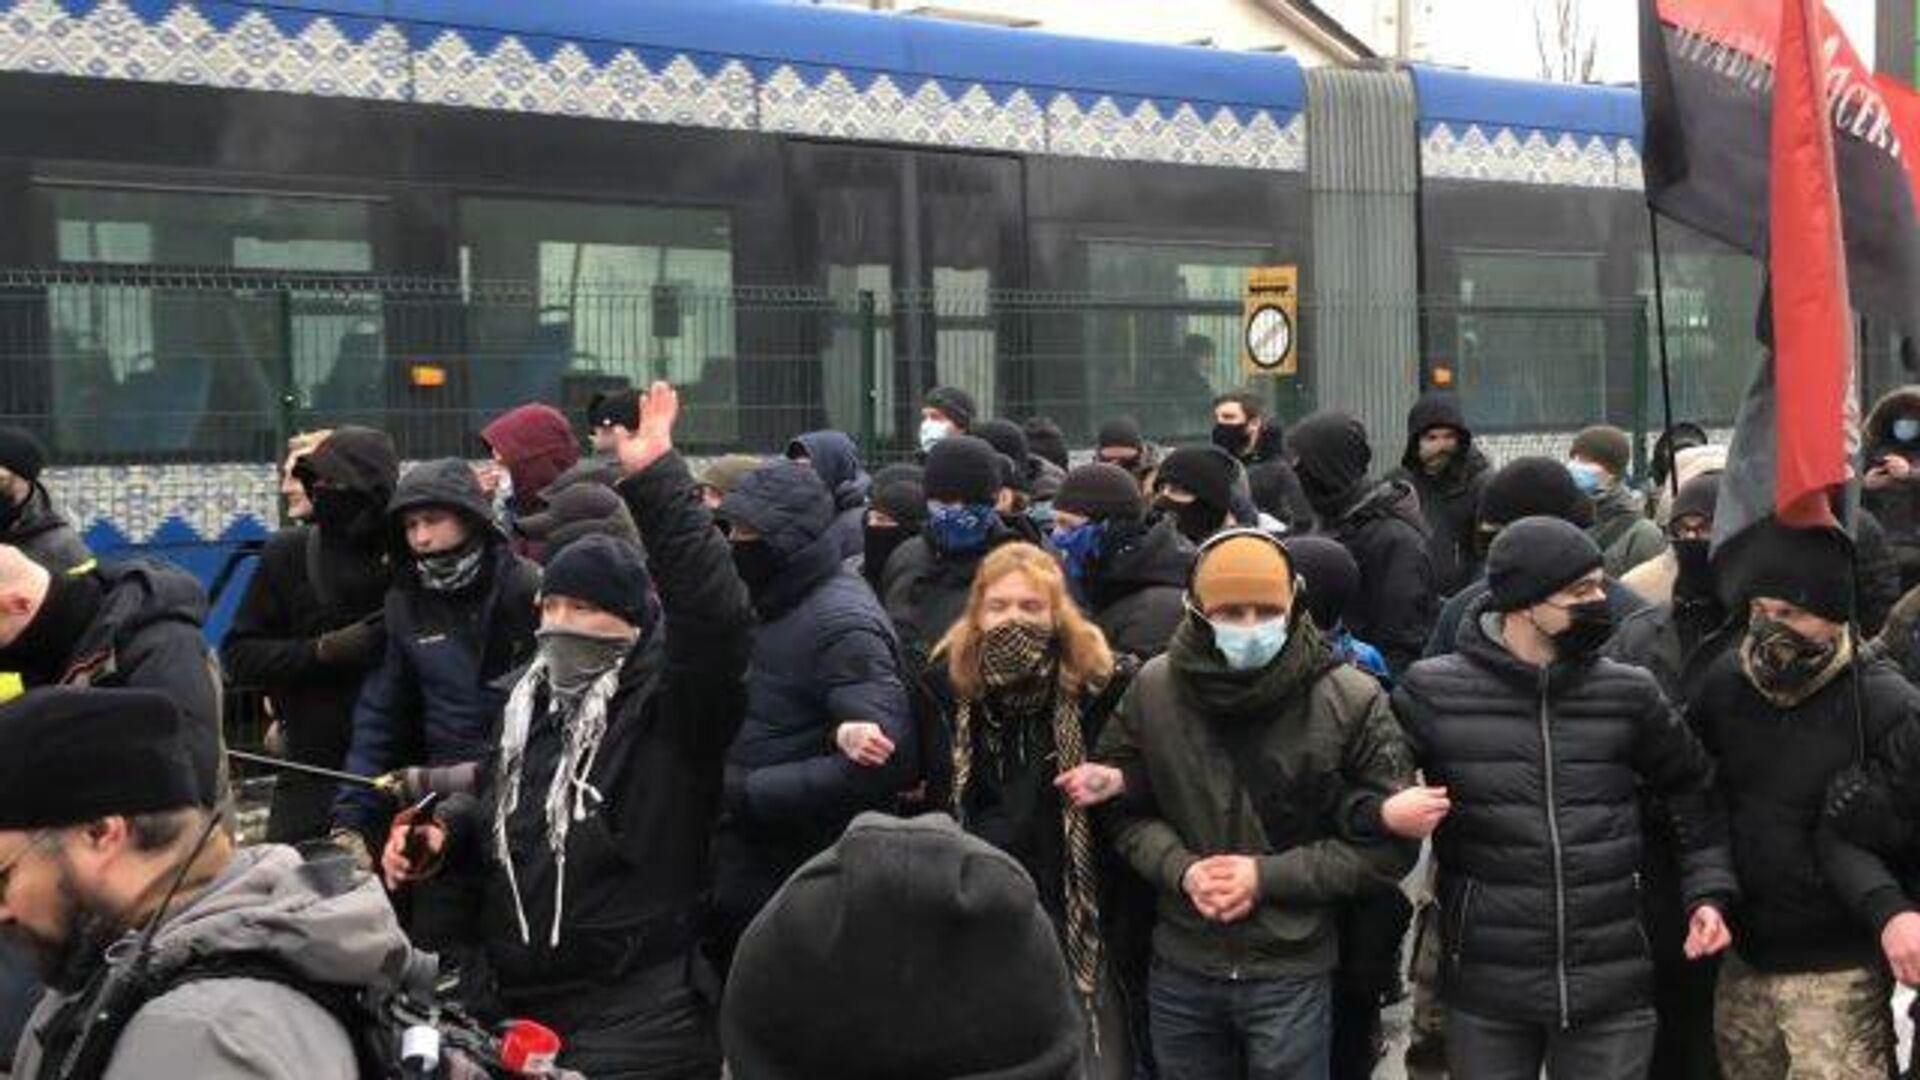 Протест радикалов у здания телеканала Наш в Киеве - РИА Новости, 1920, 04.02.2021